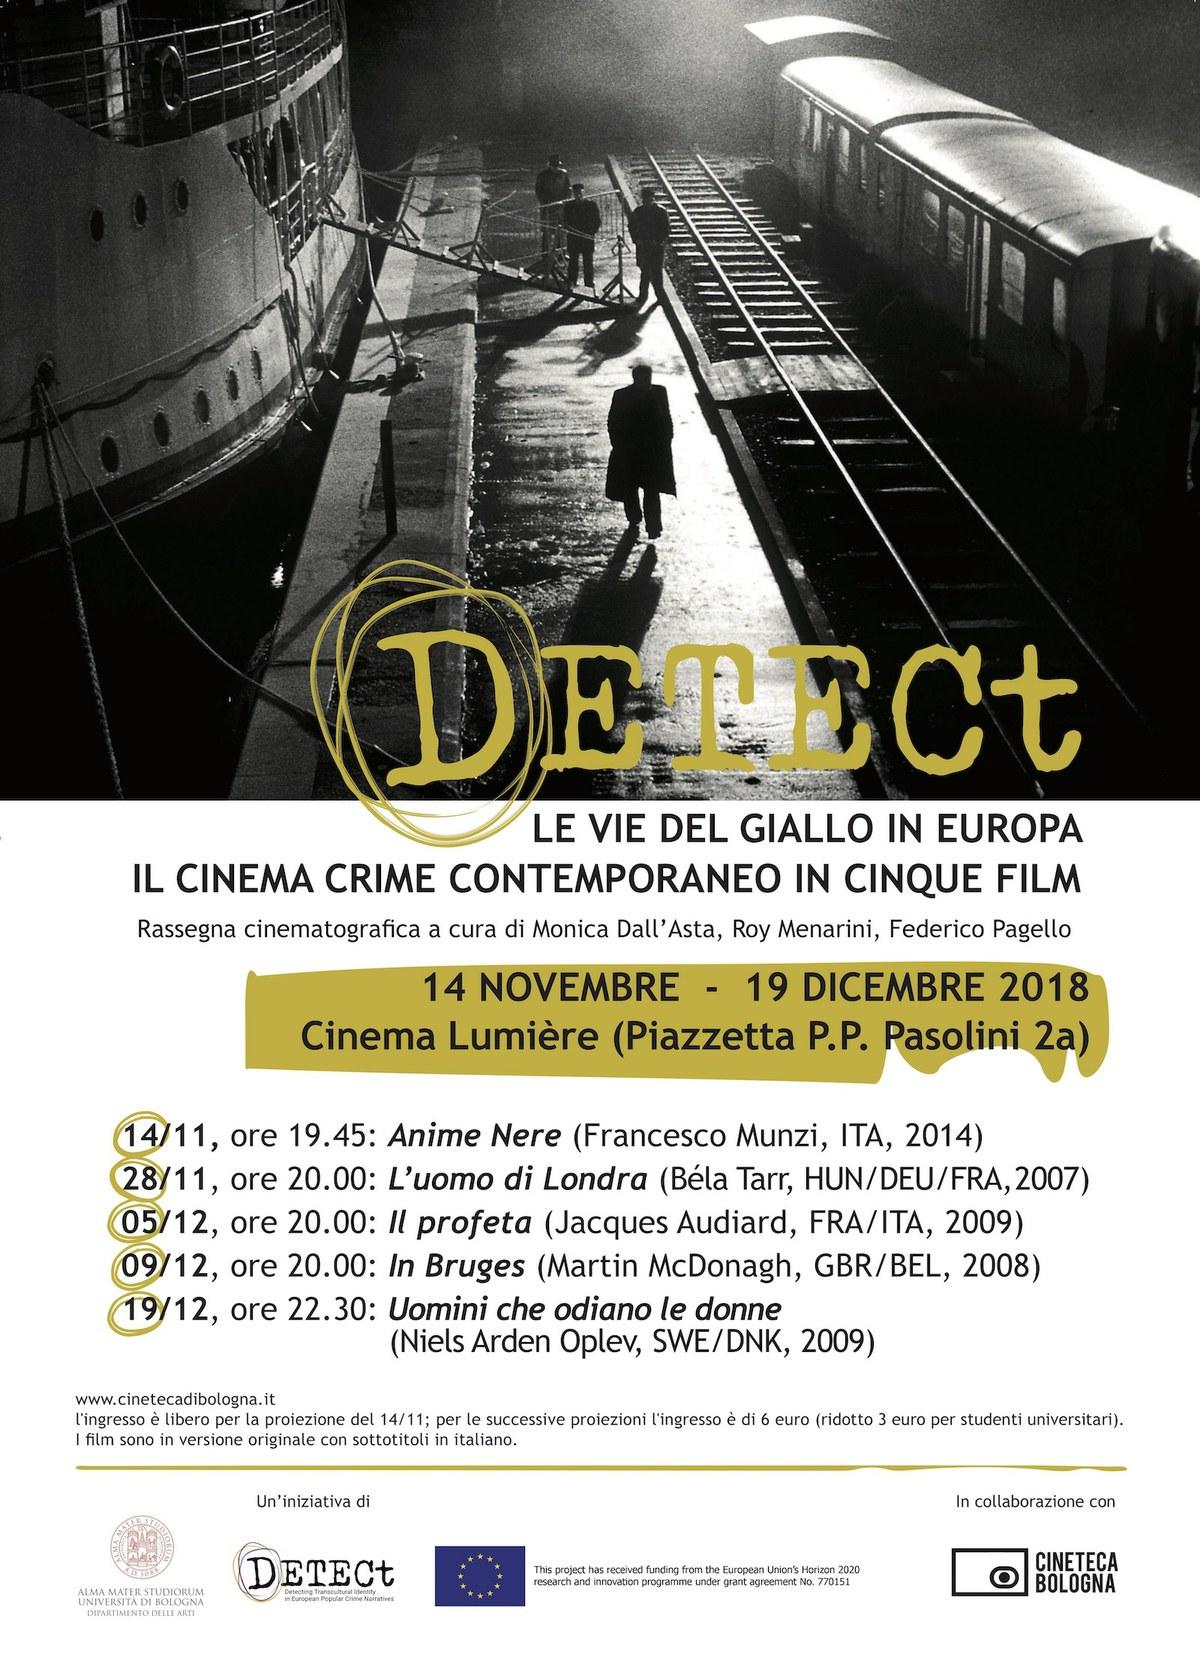 detect-giallo-europa